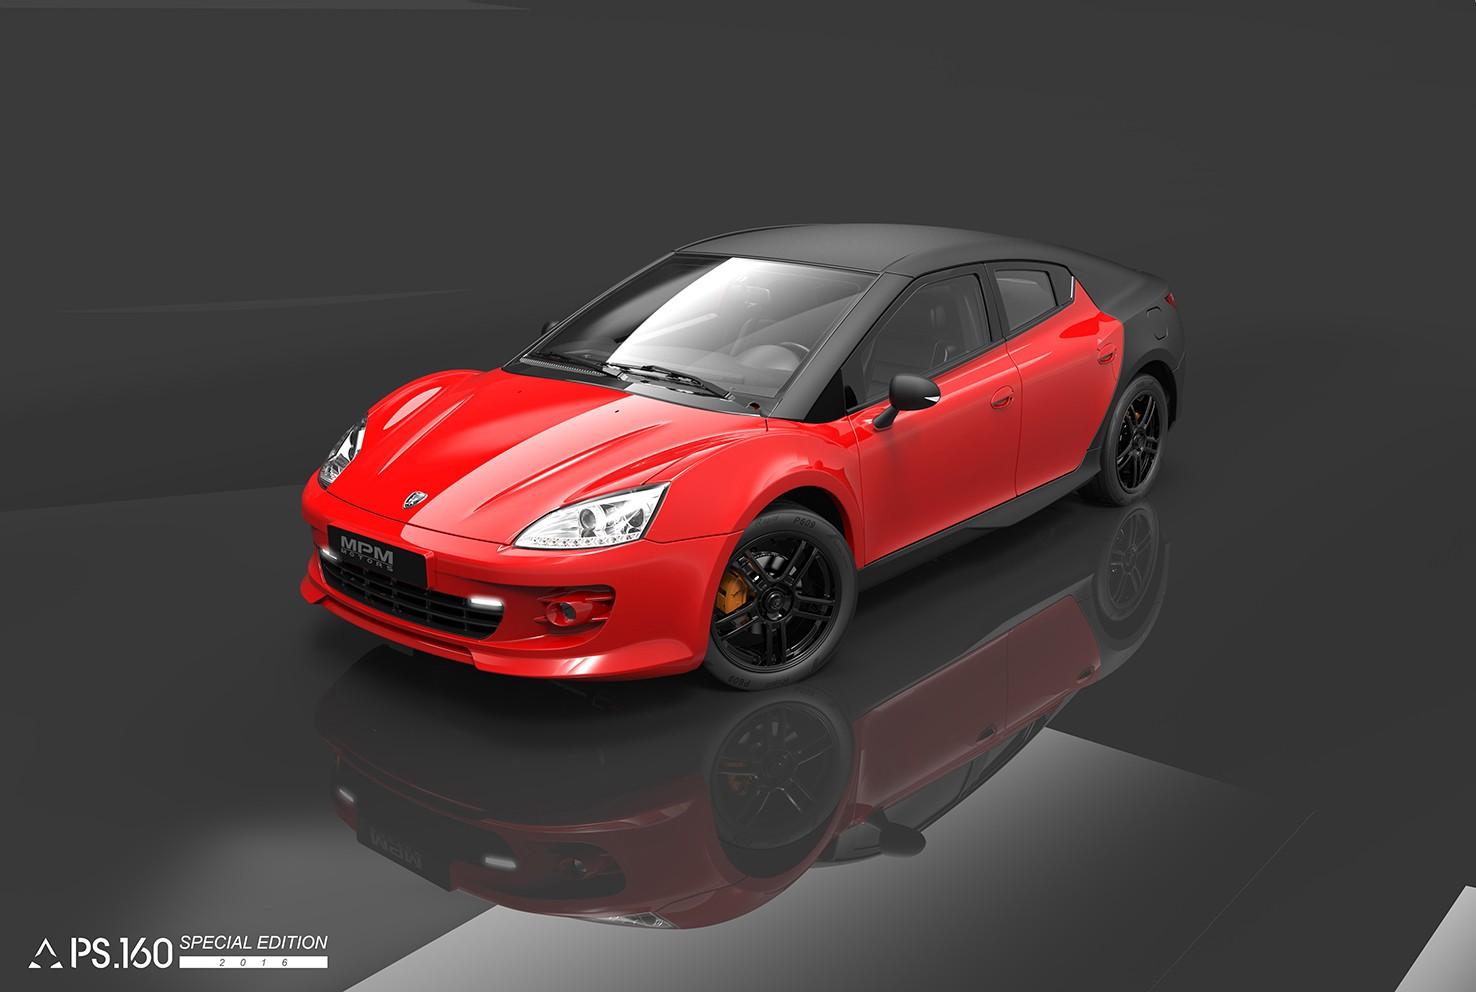 la voiture qui met en pls le forum pour 8500 euros neuve sur le forum automobiles 09 12 2016. Black Bedroom Furniture Sets. Home Design Ideas